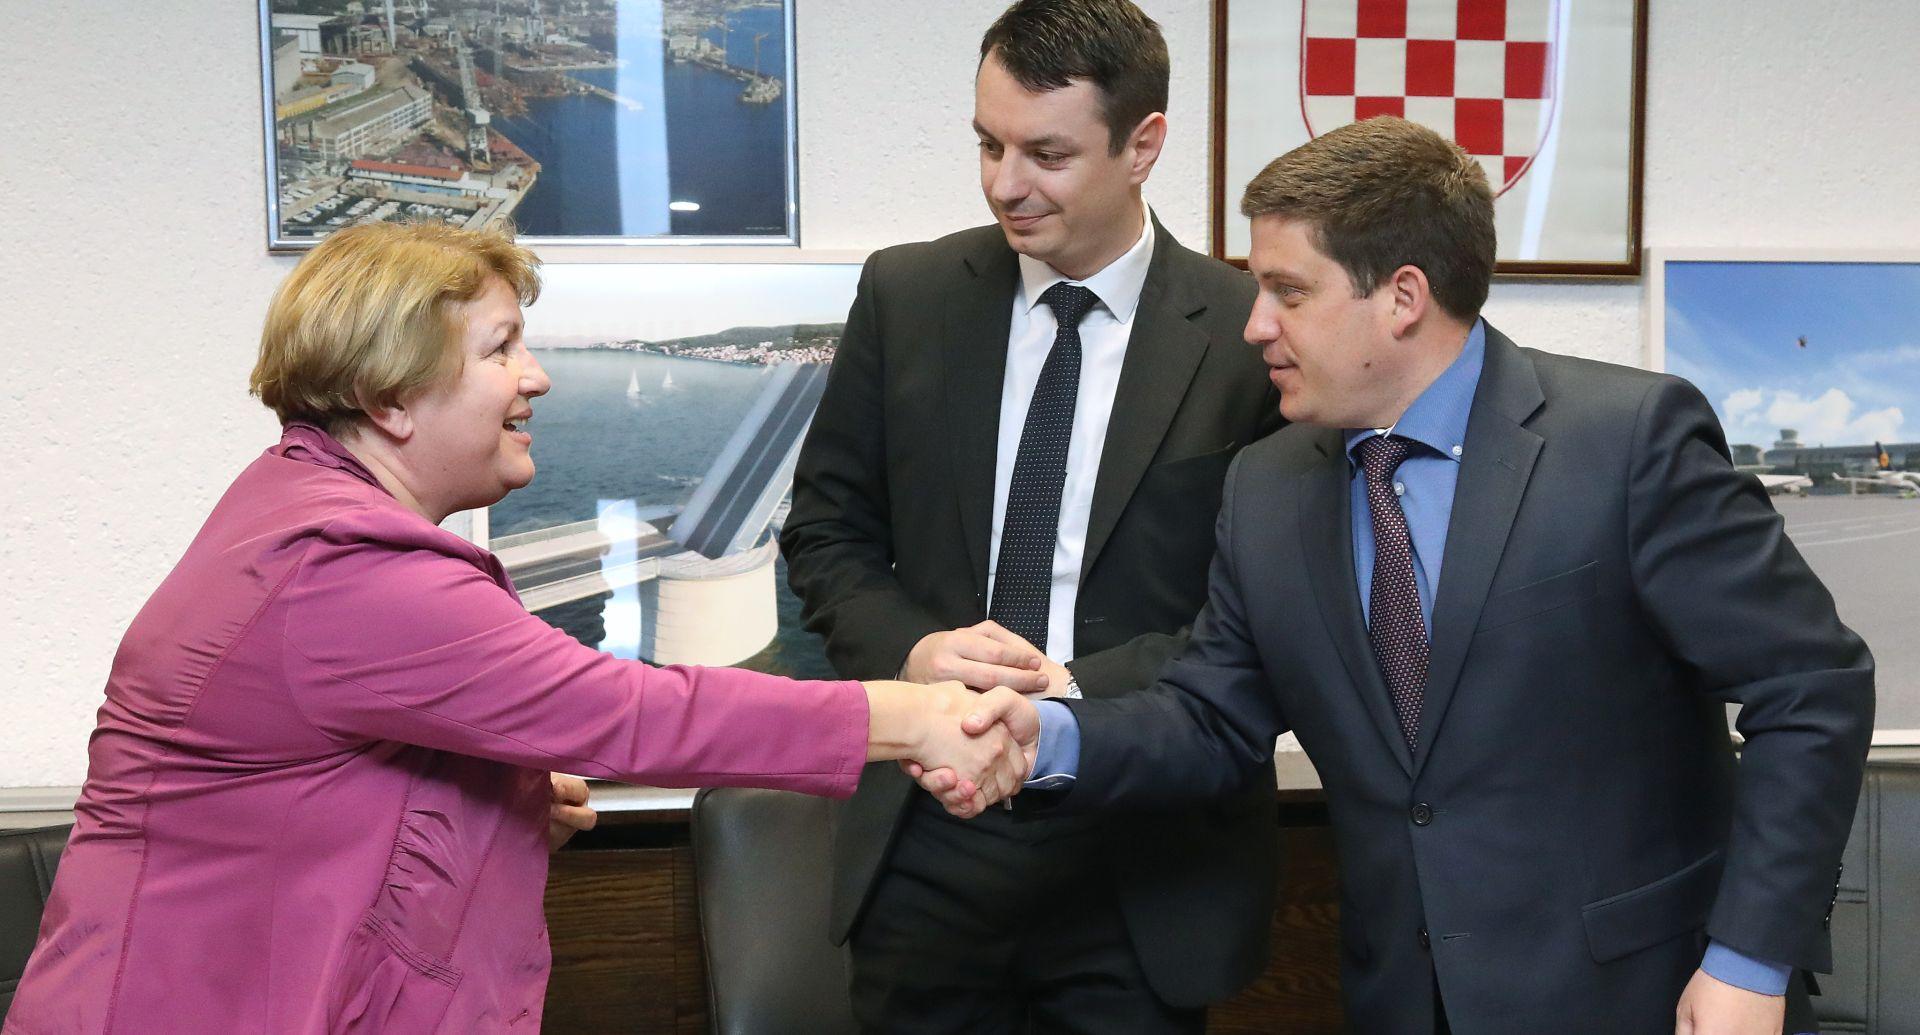 Potpisan ugovor o sufinanciranju izgradnje terminala u luci Osijek